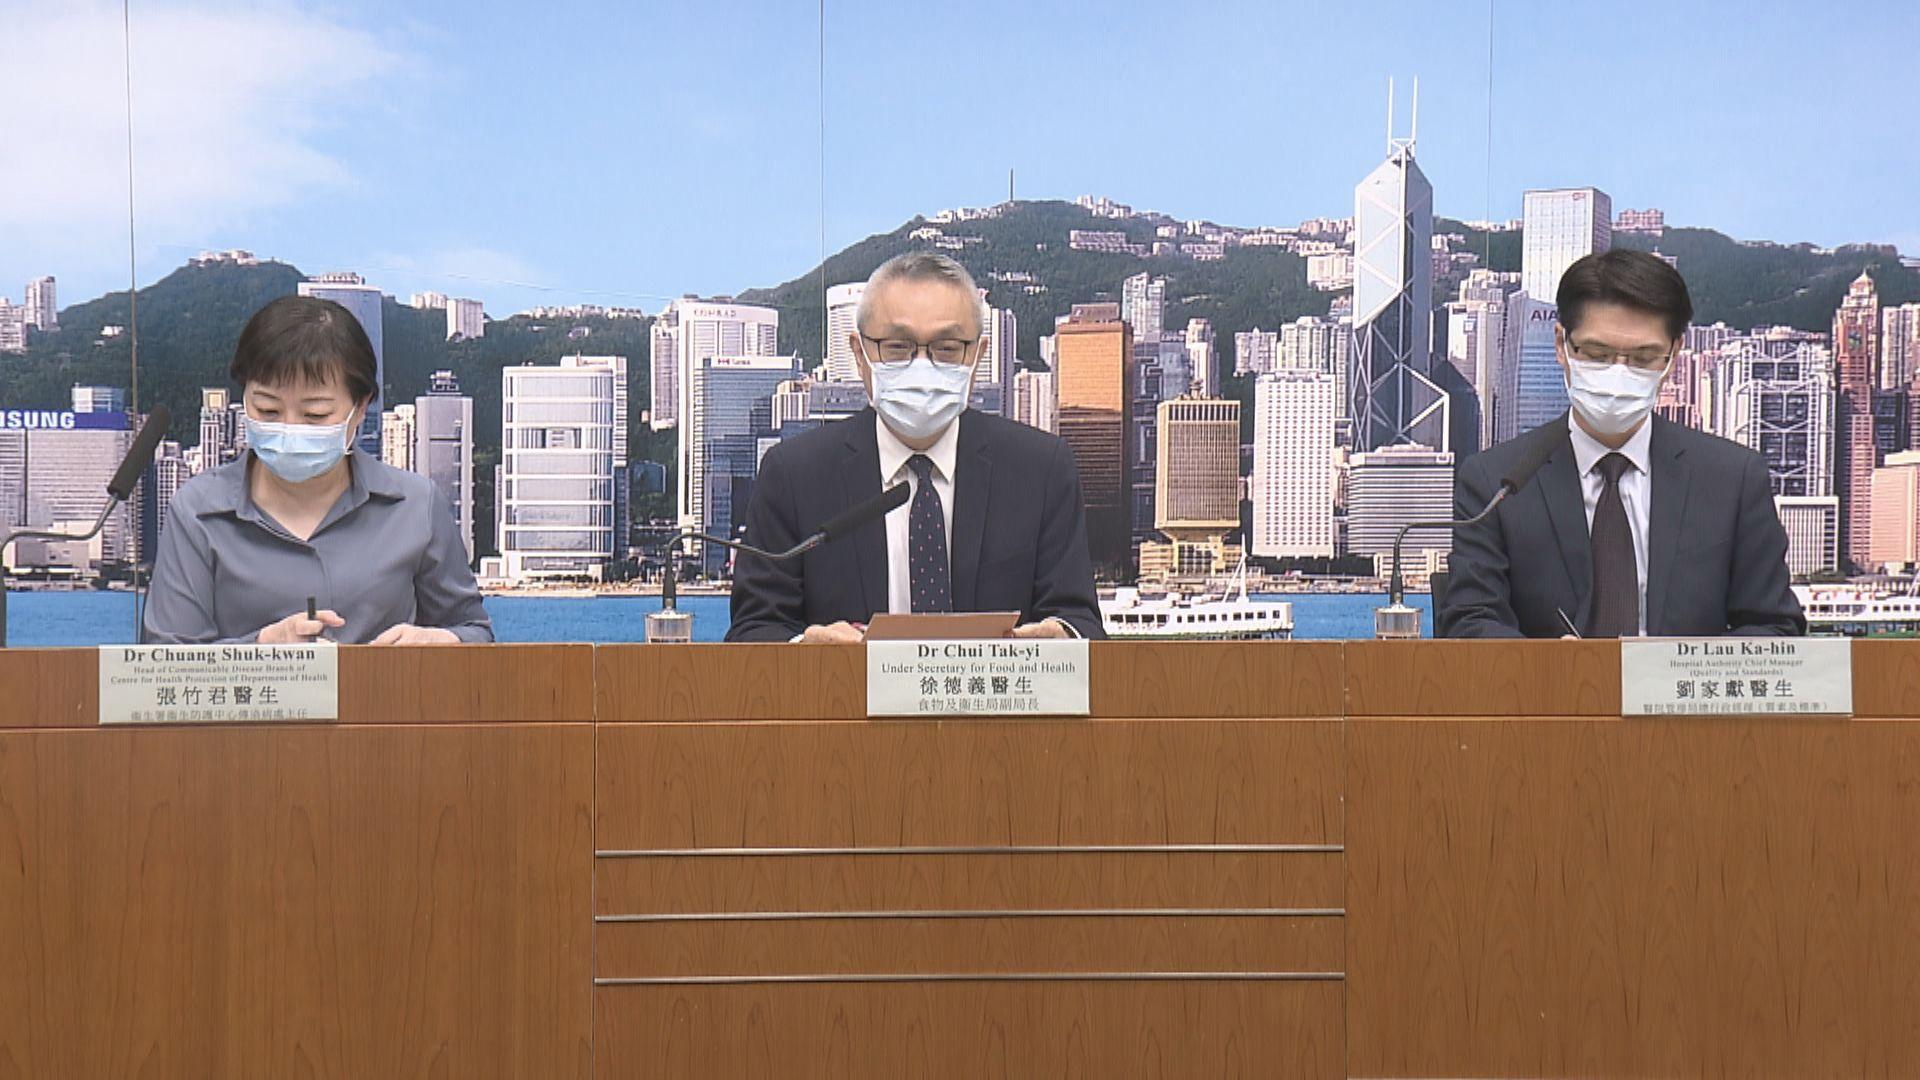 【累計1087宗】本港多三宗確診 首次有救護員因工染病